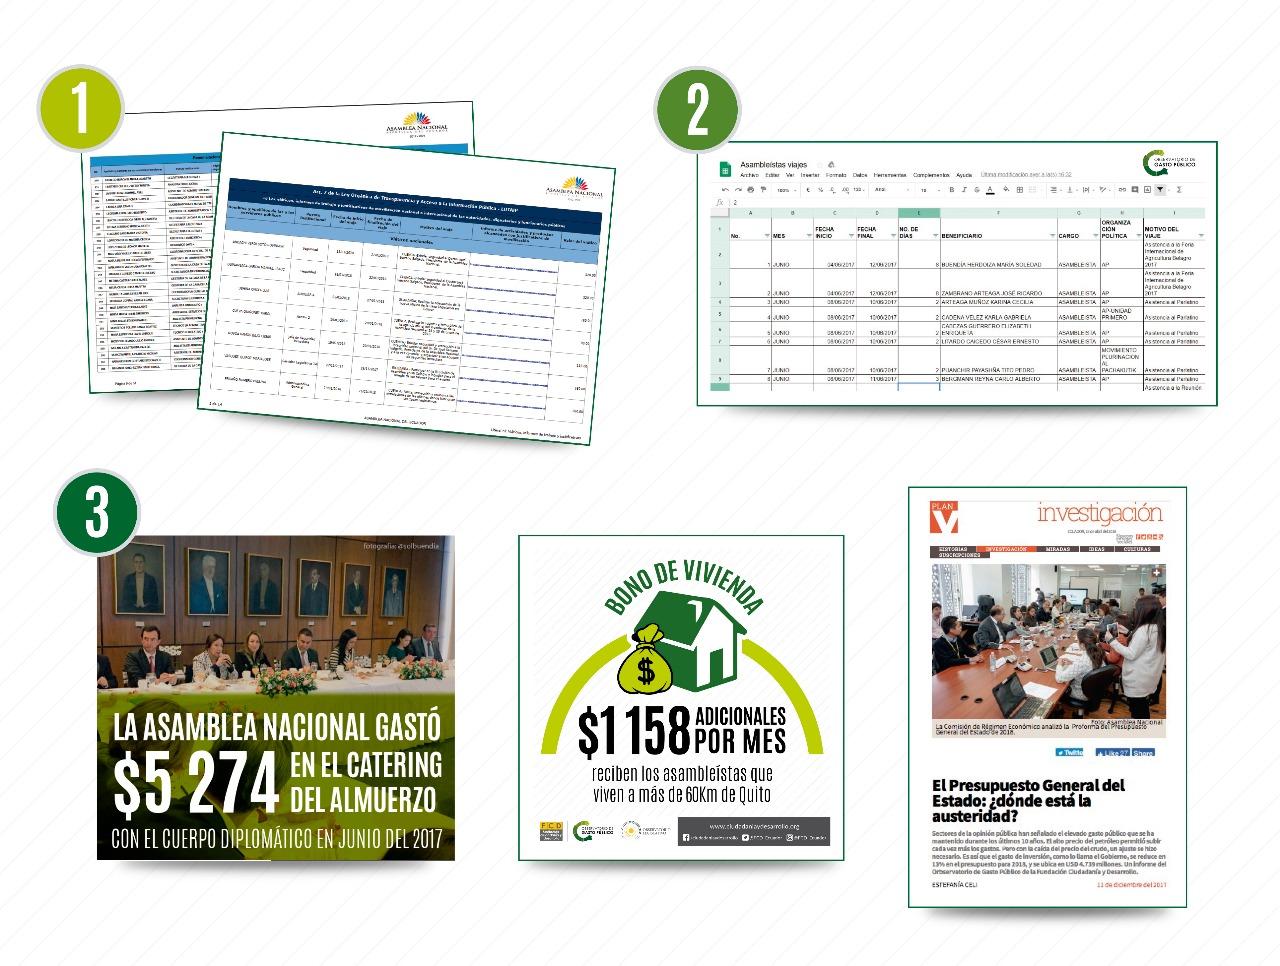 Observatorio de Gasto Público - Presentado por María José Mogollón de Fundación Ciudadanía y Desarrollo.El Obsevatorio de Gasto Público es un proyecto de la Fundación Ciudadanía y Desarrollo, que busca hacer que la información del gasto público sea de más fácil acceso a la ciudadanía a través de visualización de datos e infografías interactivas.